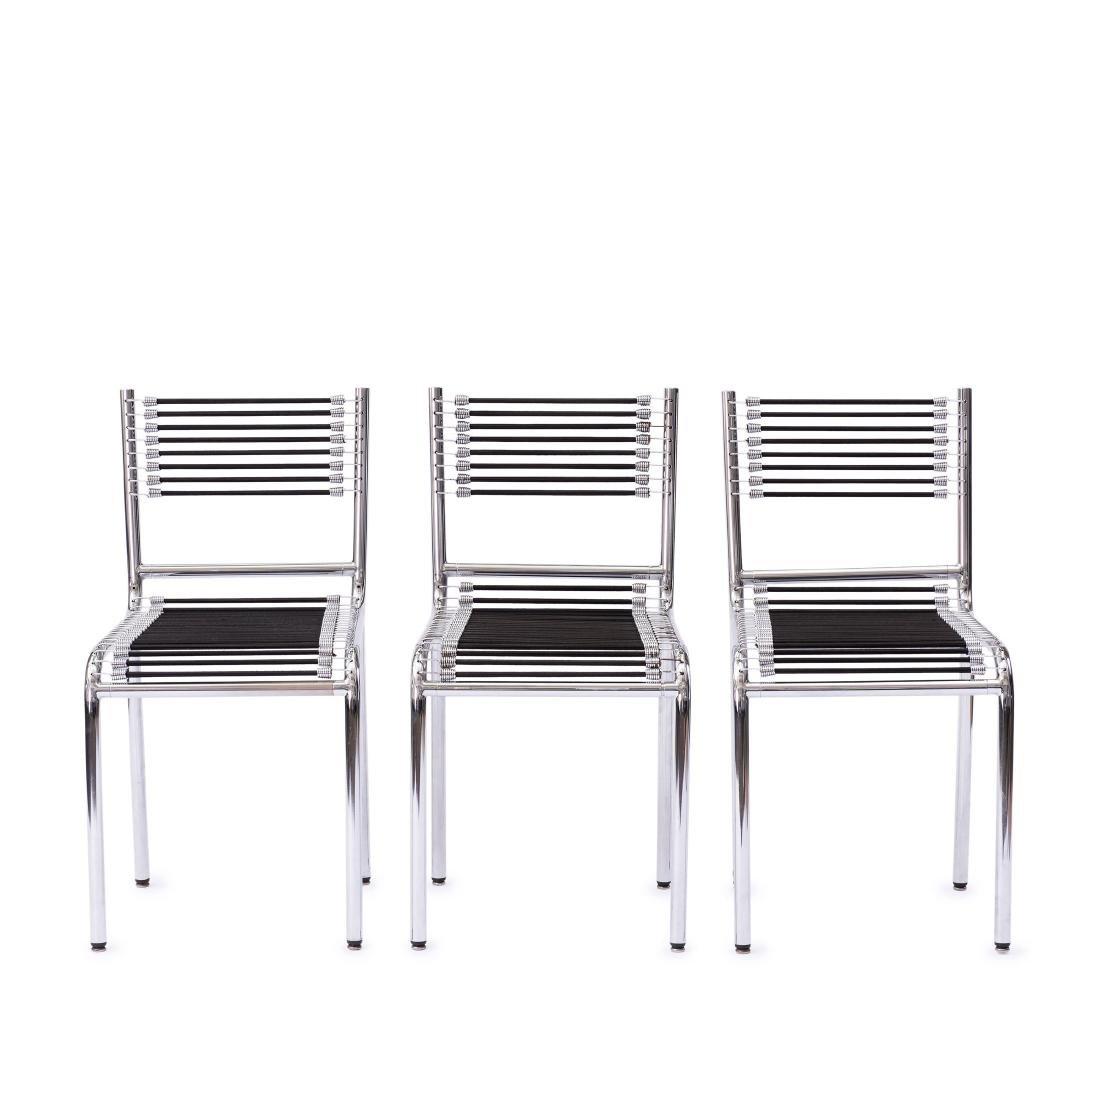 Three '101' chairs, 1930